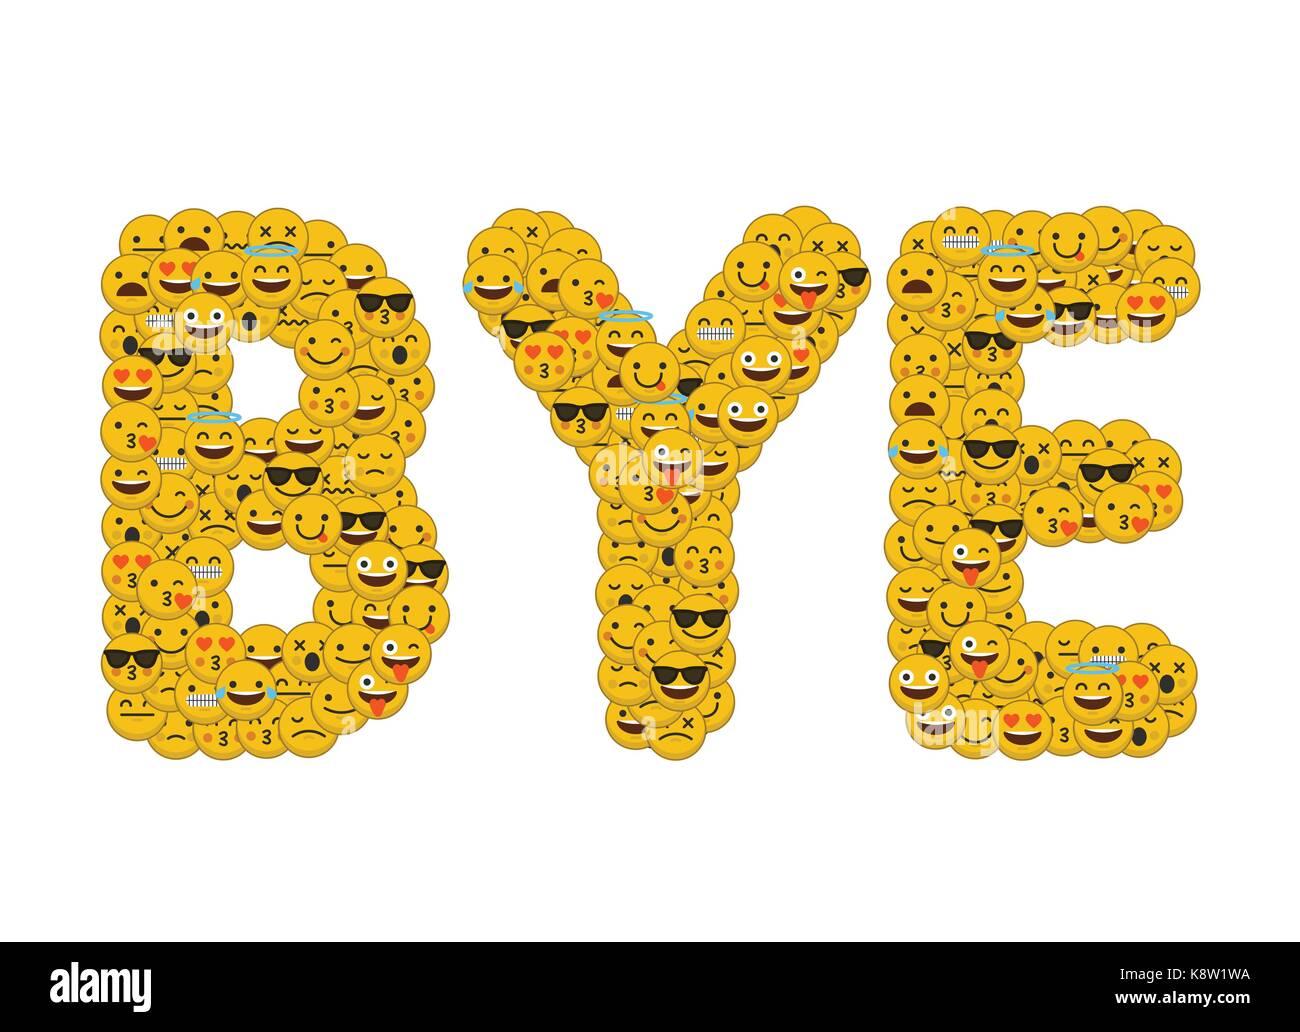 le mot bye crit en caract res emoji m dias sociaux smiley banque d 39 images photo stock. Black Bedroom Furniture Sets. Home Design Ideas